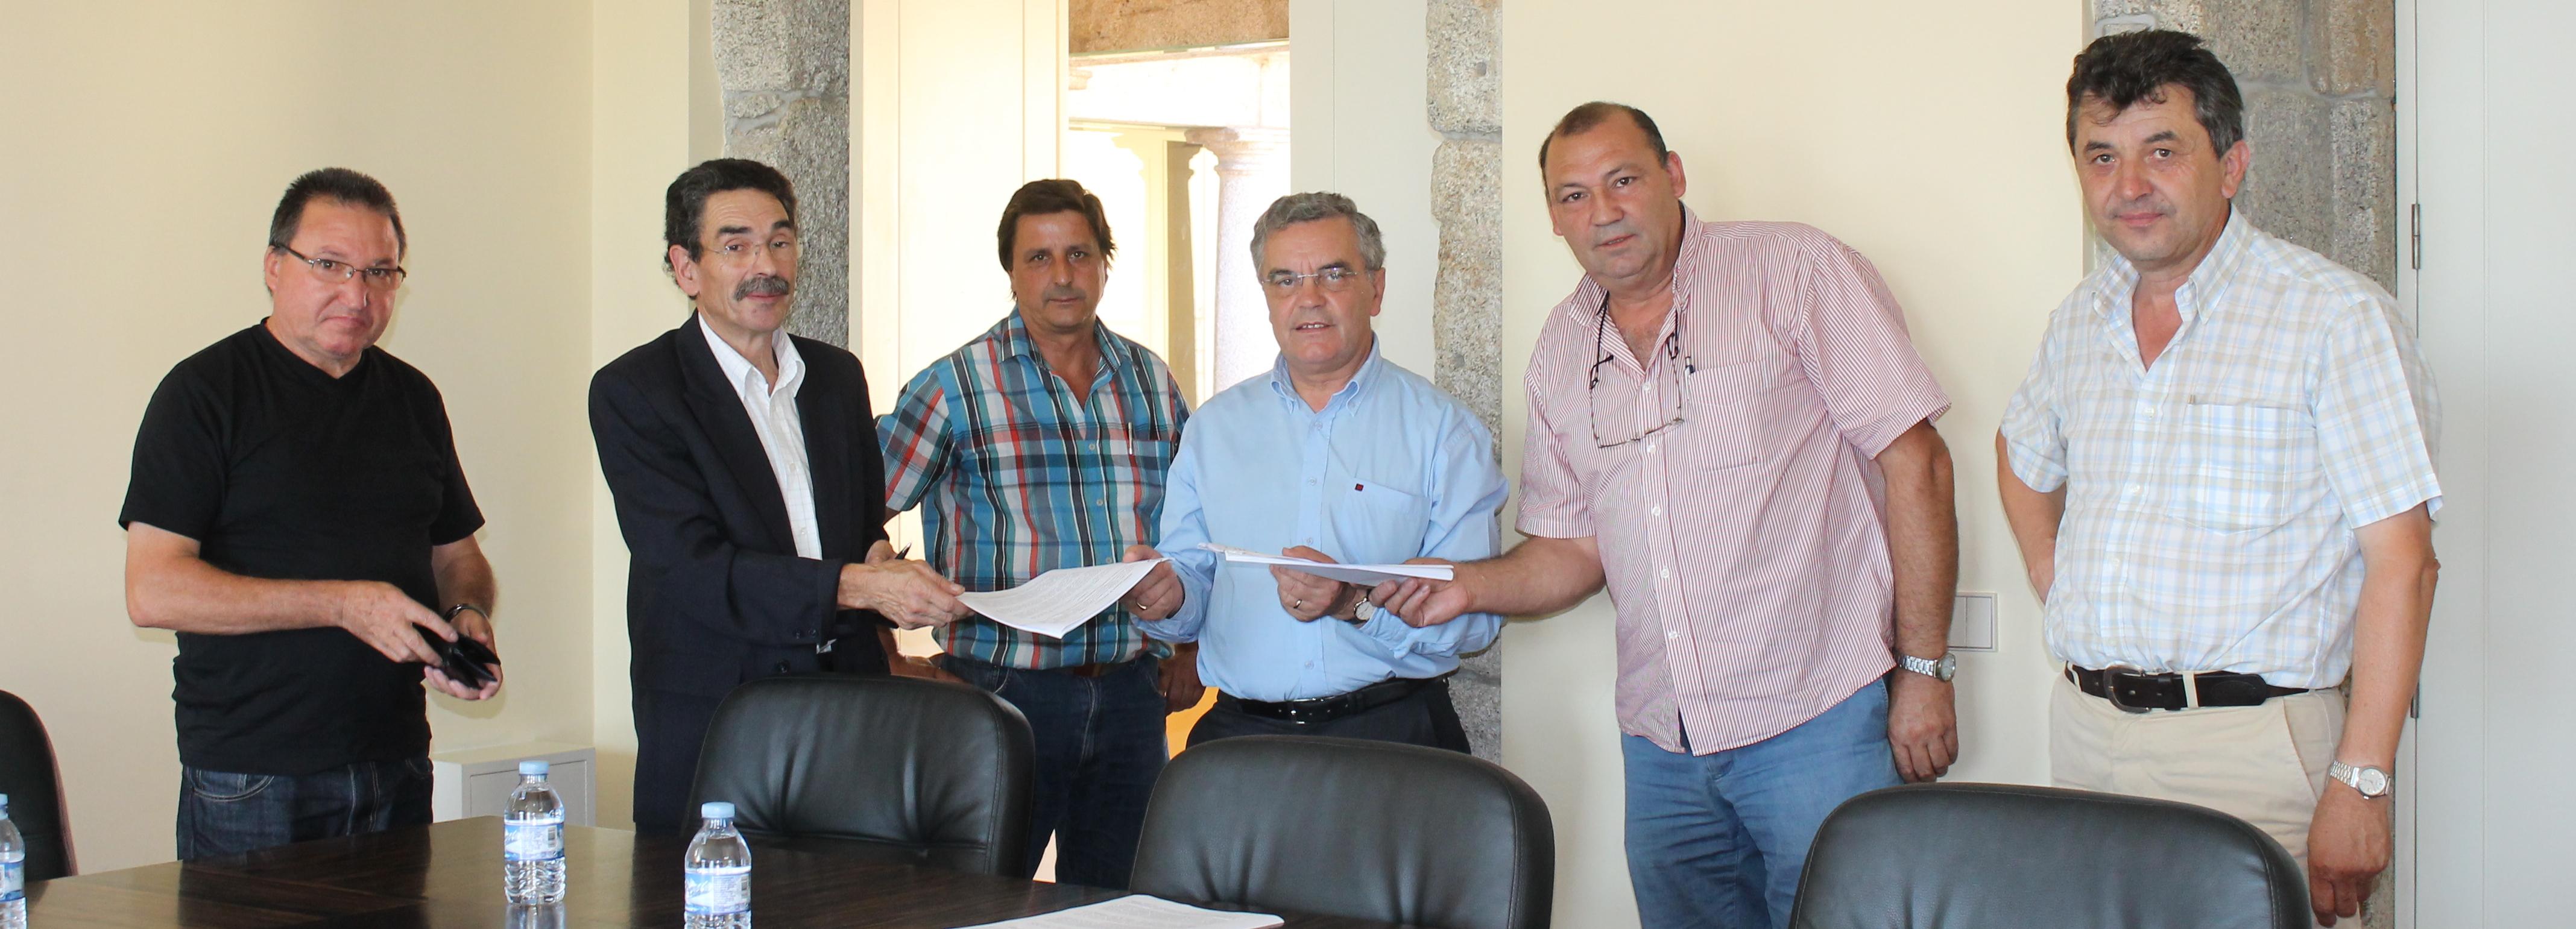 Câmara Municipal e sindicatos estabelecem acordo coletivo com 35 horas